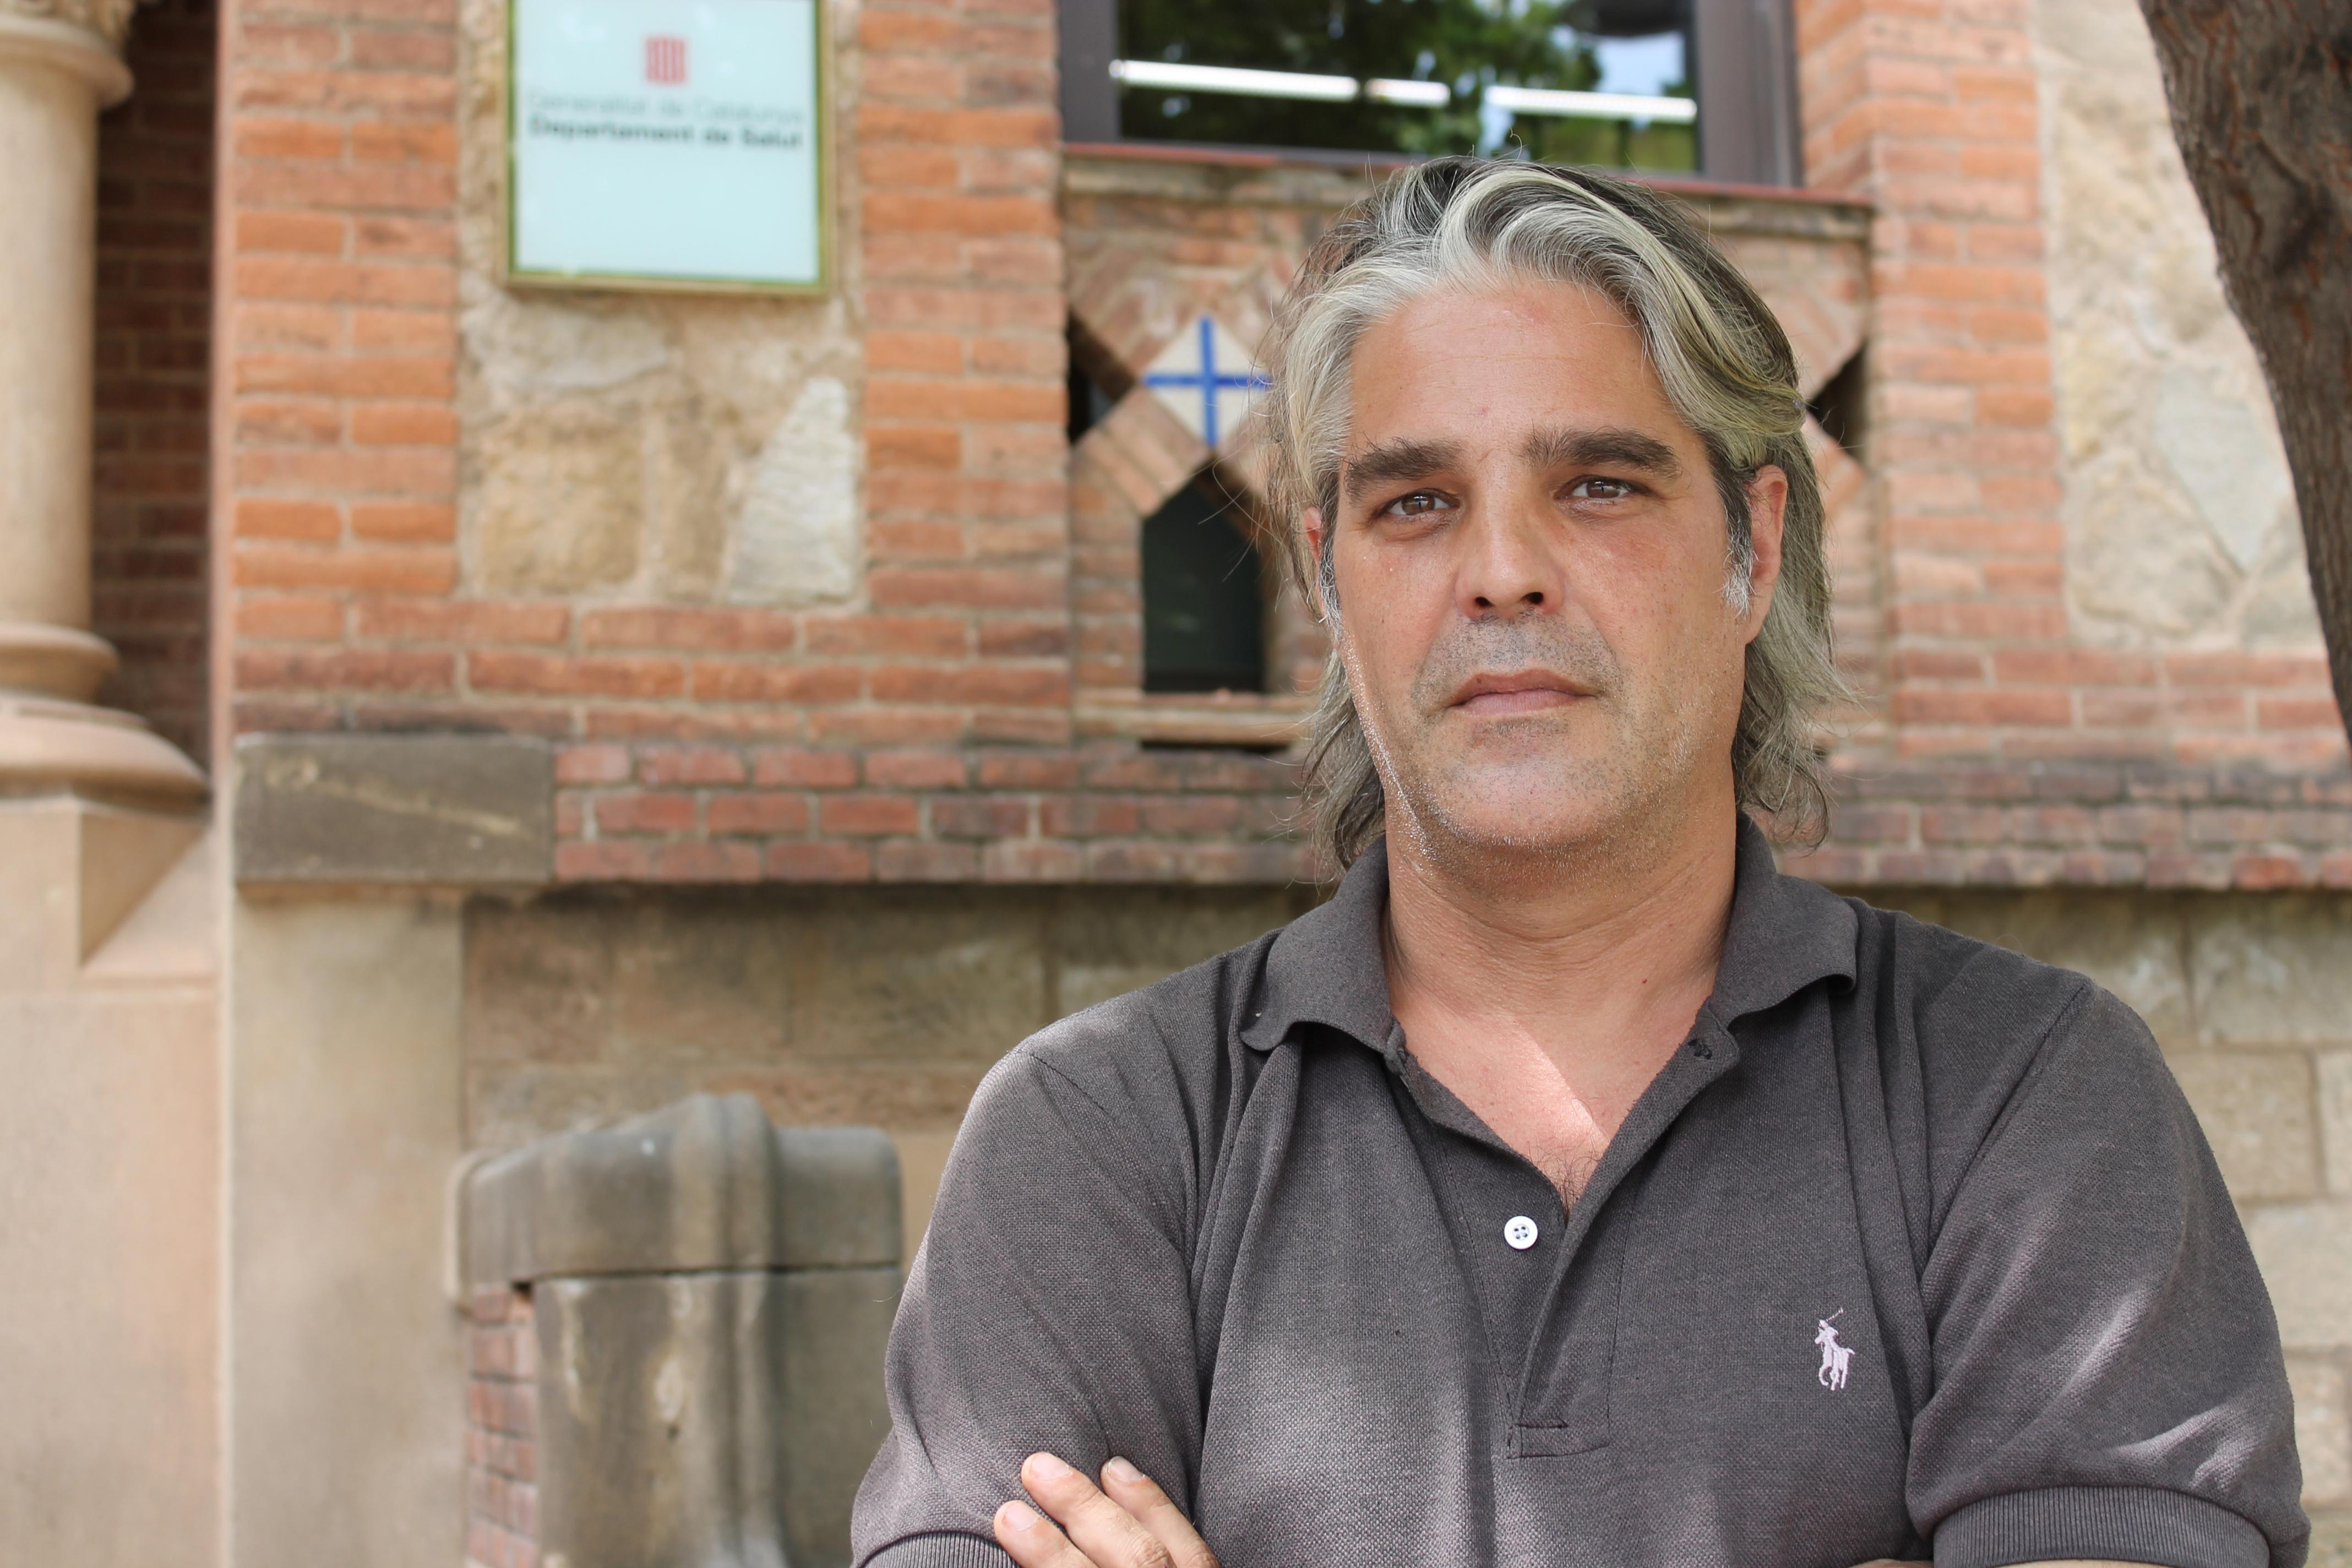 Jacobo Mendioroz, nou subdirector general de Vigilància i Resposta a Emergències de l'Agència de Salut Pública de Catalunya